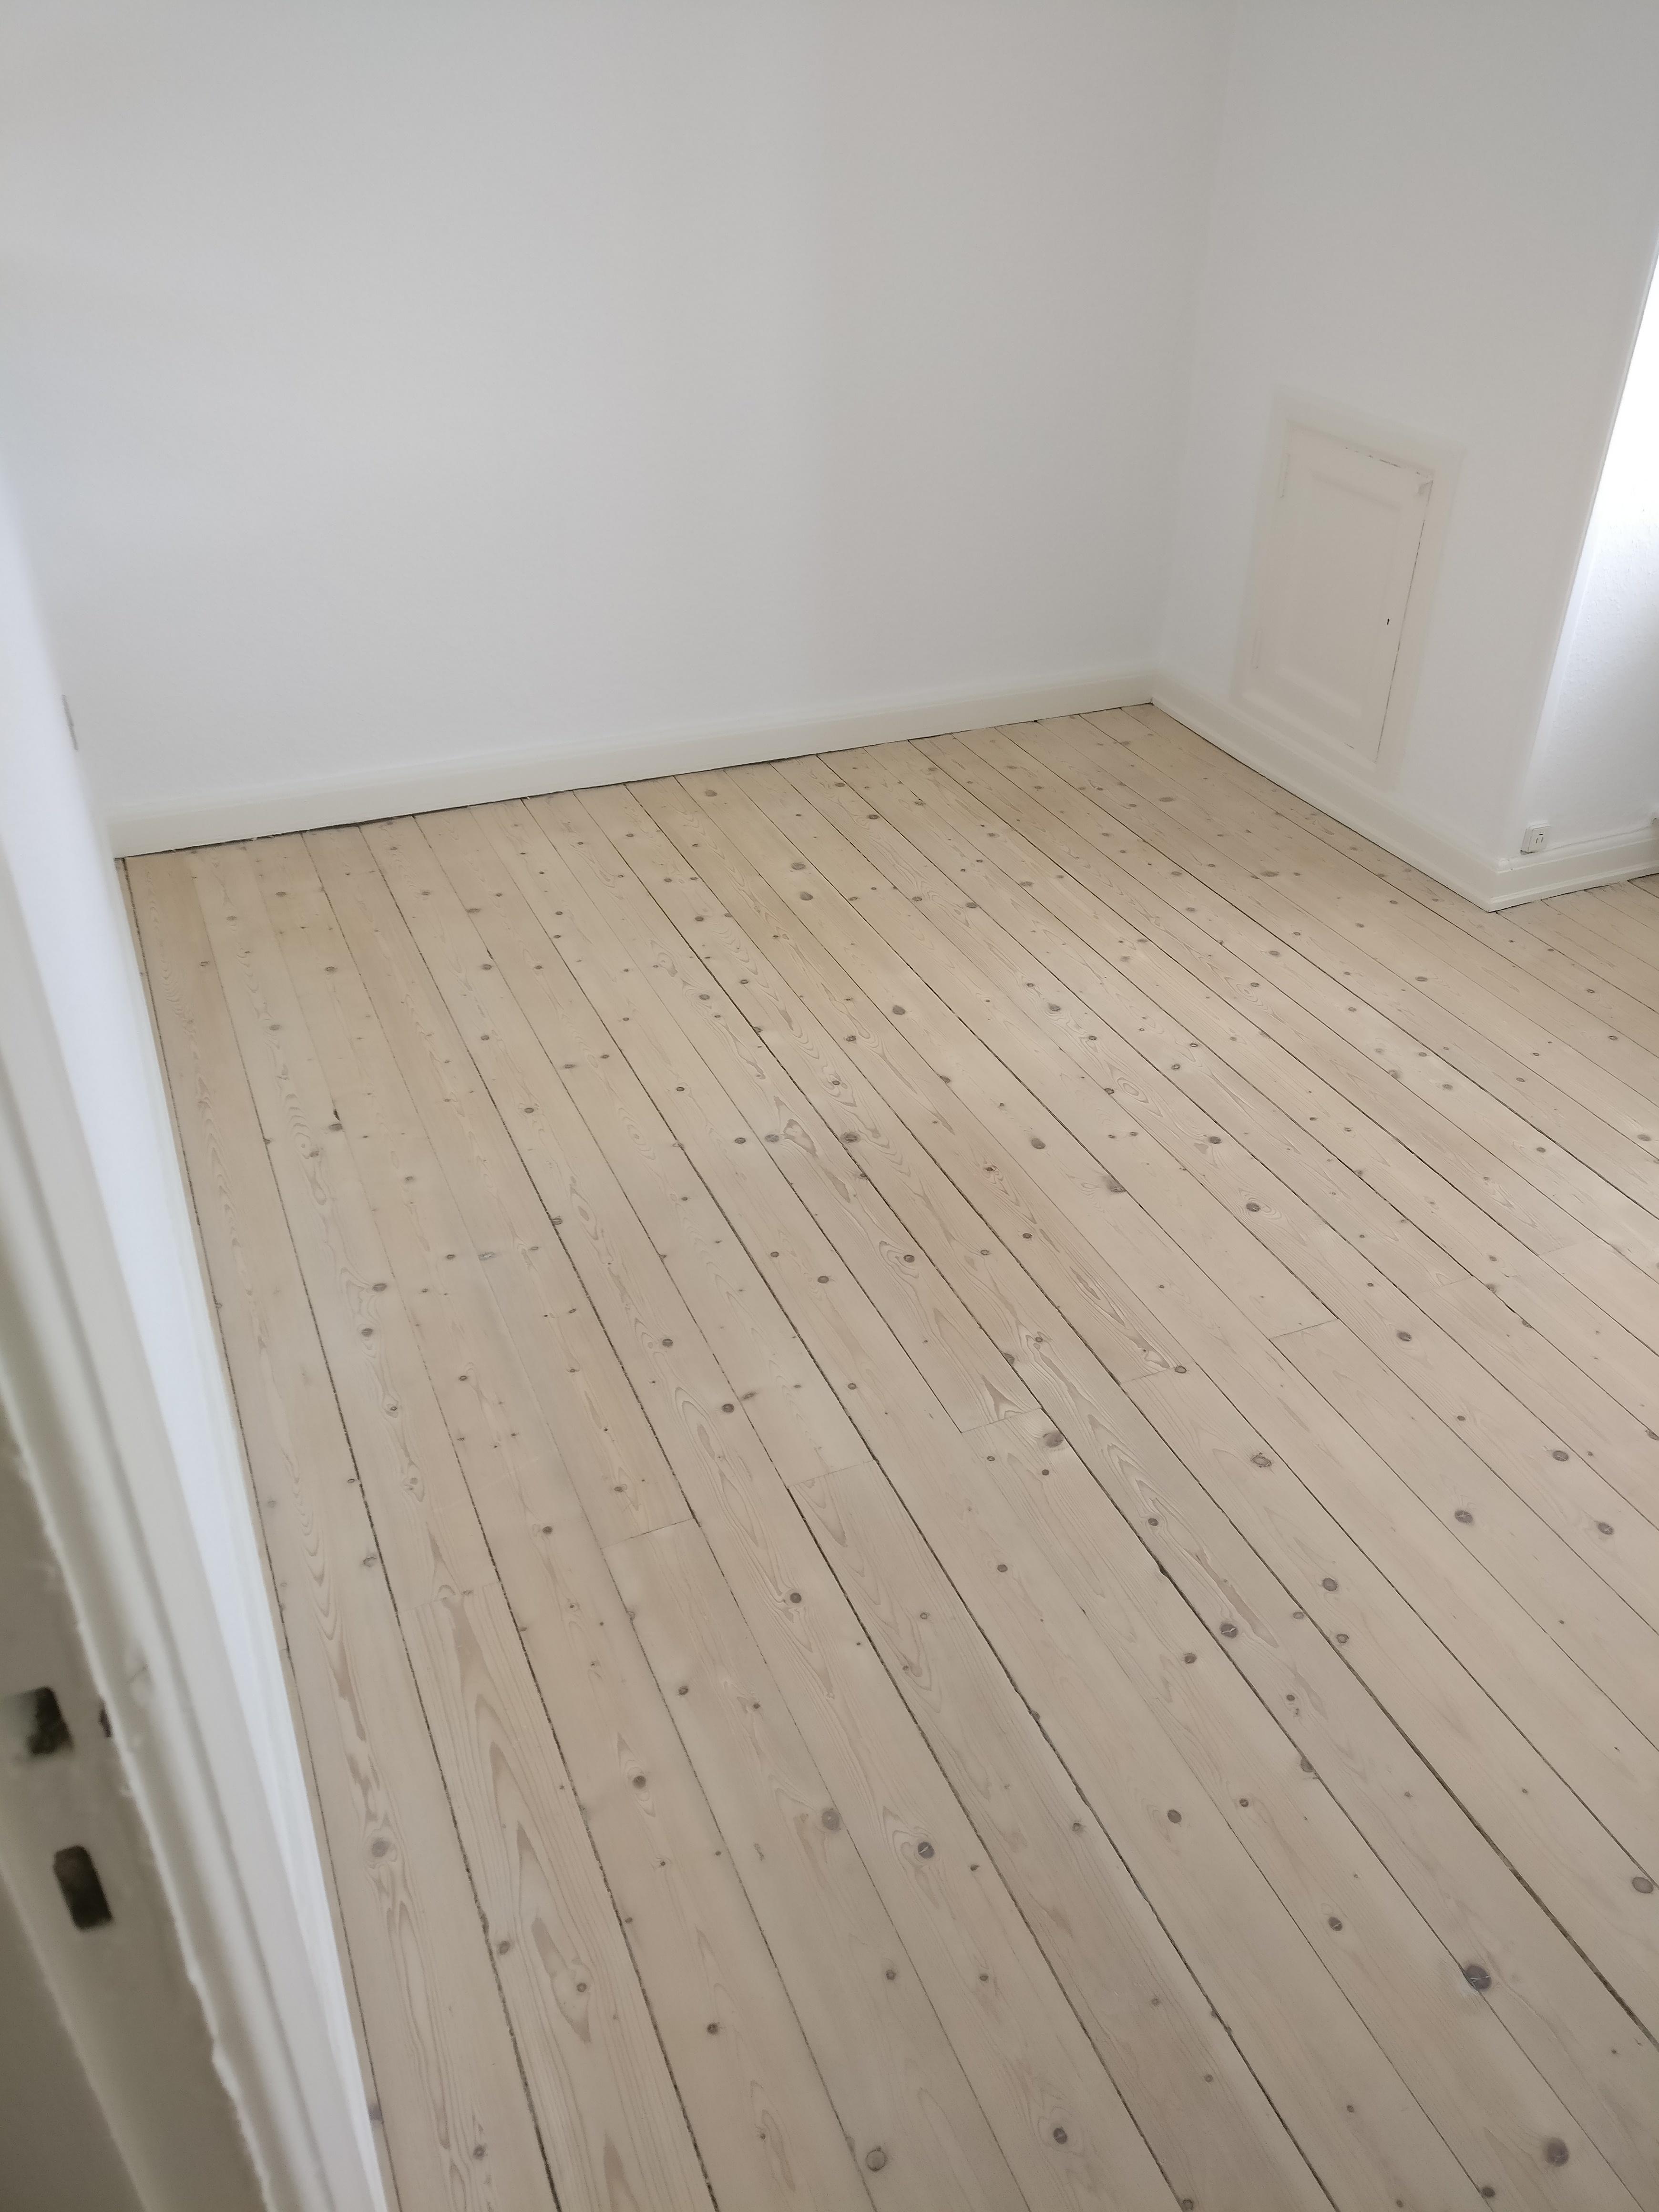 Søger roommate på ubegrænset tid. Lyst værelse og lækker lejlighed. Centralt belliggende.